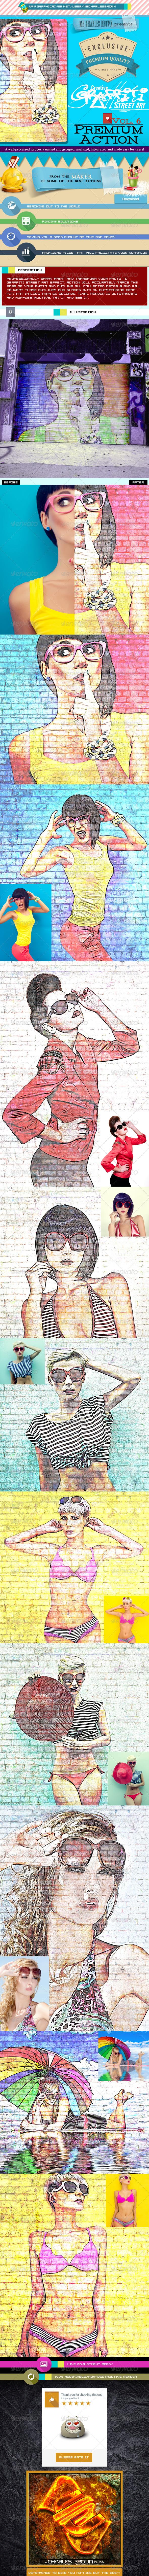 GraphicRiver Creative Graffiti Street Art Vol 6 7174111